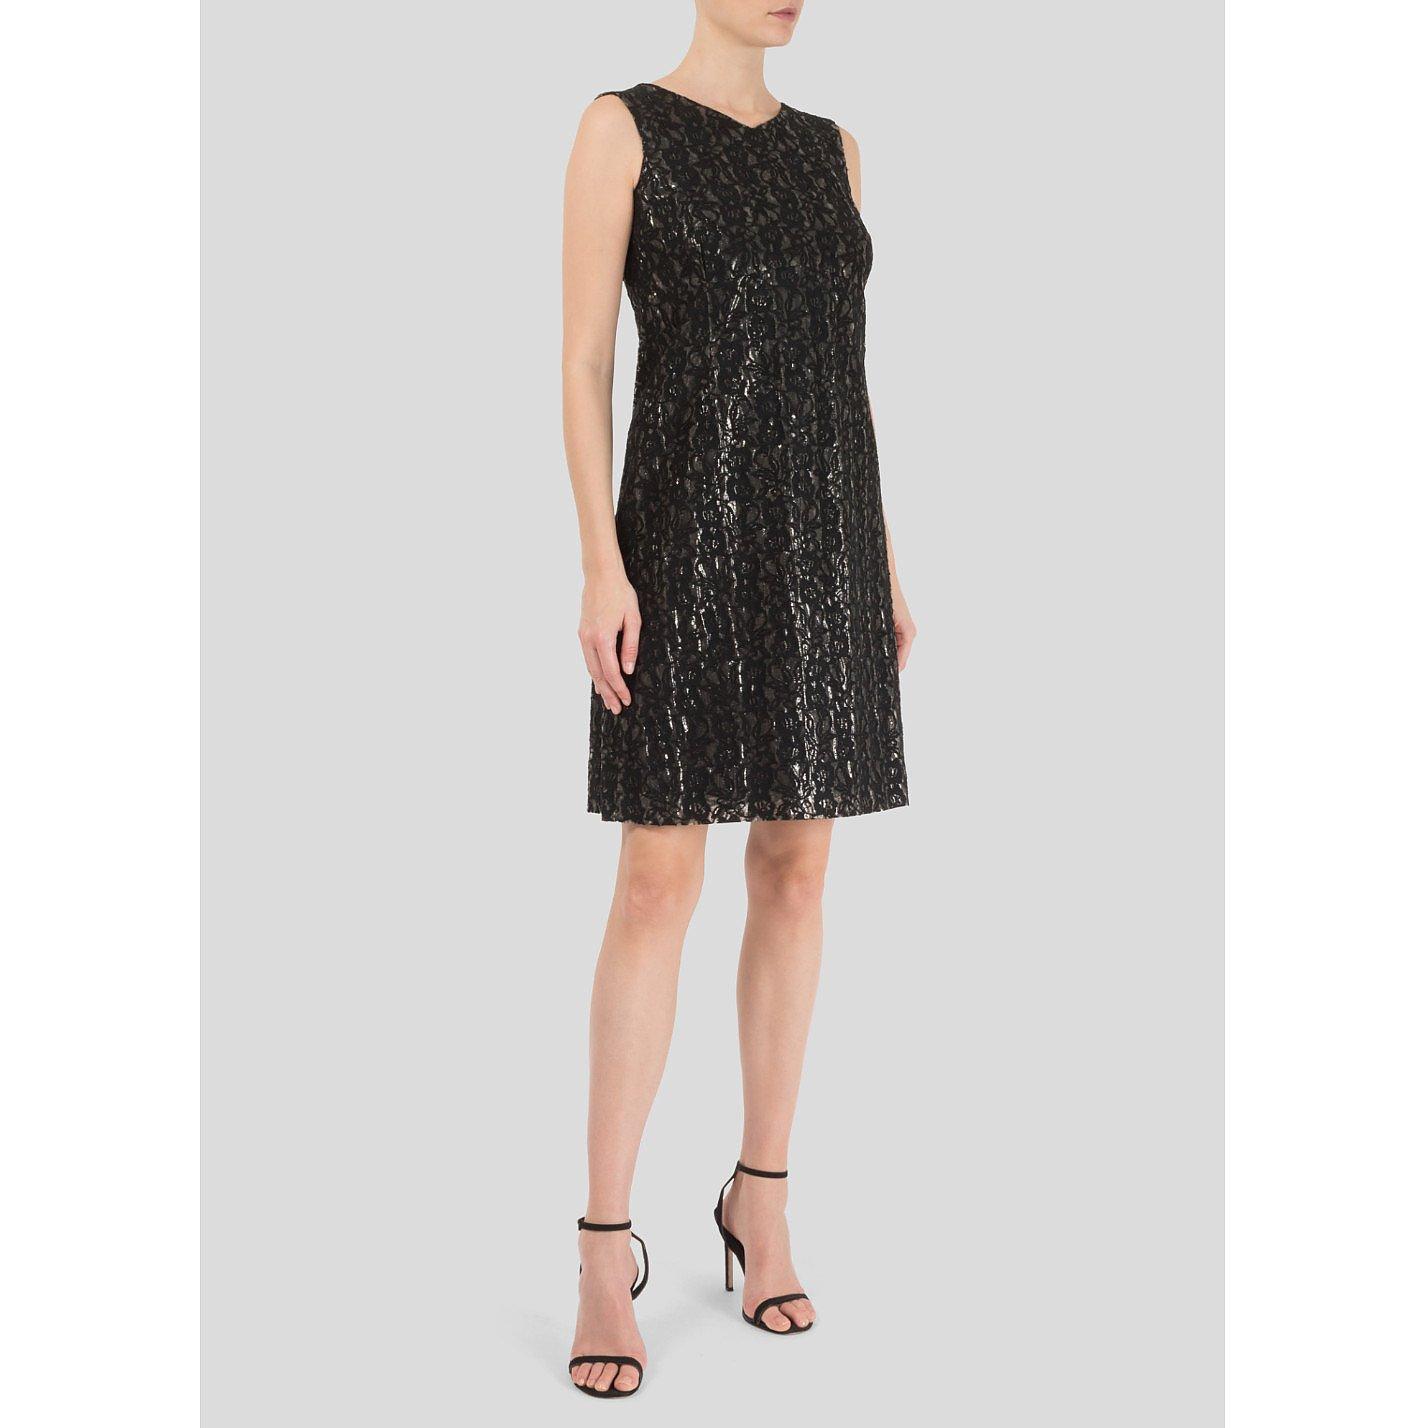 John Rocha Lace PVC Mini Dress